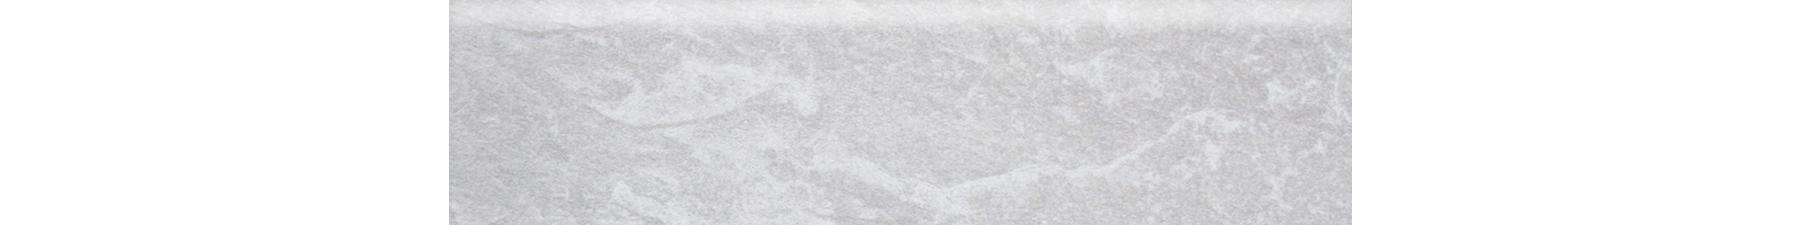 3x12 Himalaya Snow Bullnose Porcelain Tile